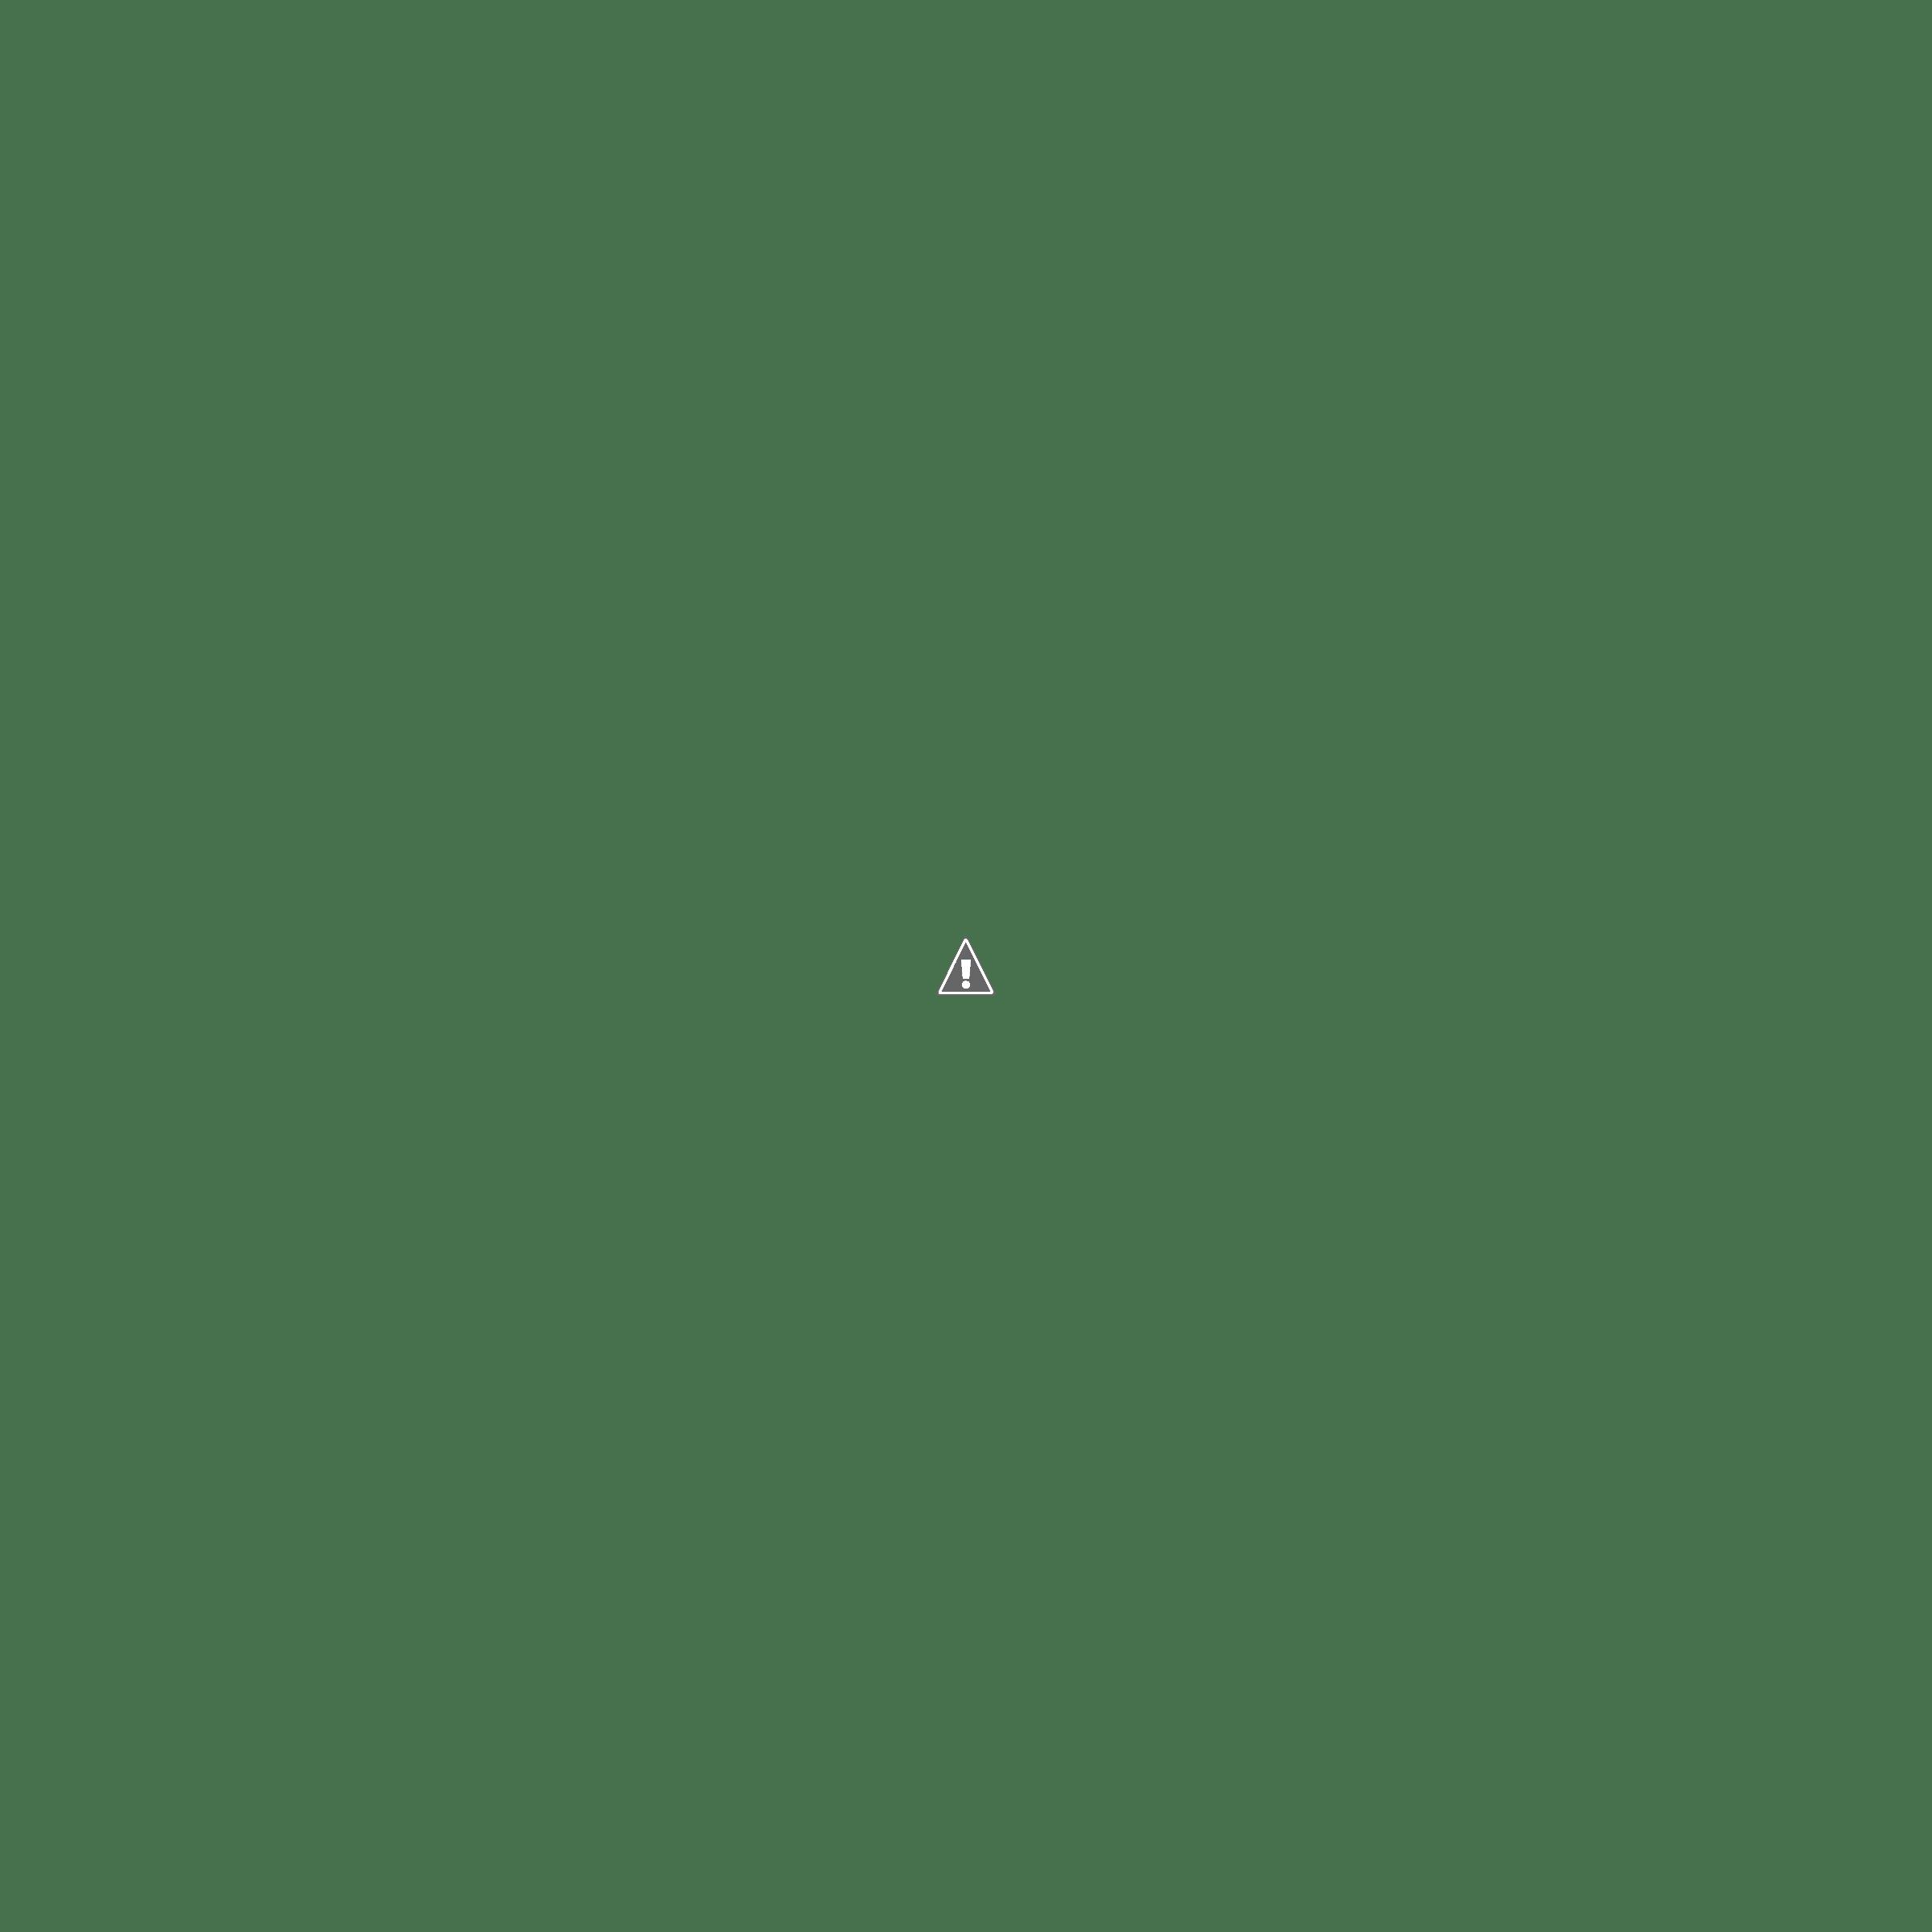 Brizlane Residences gated community